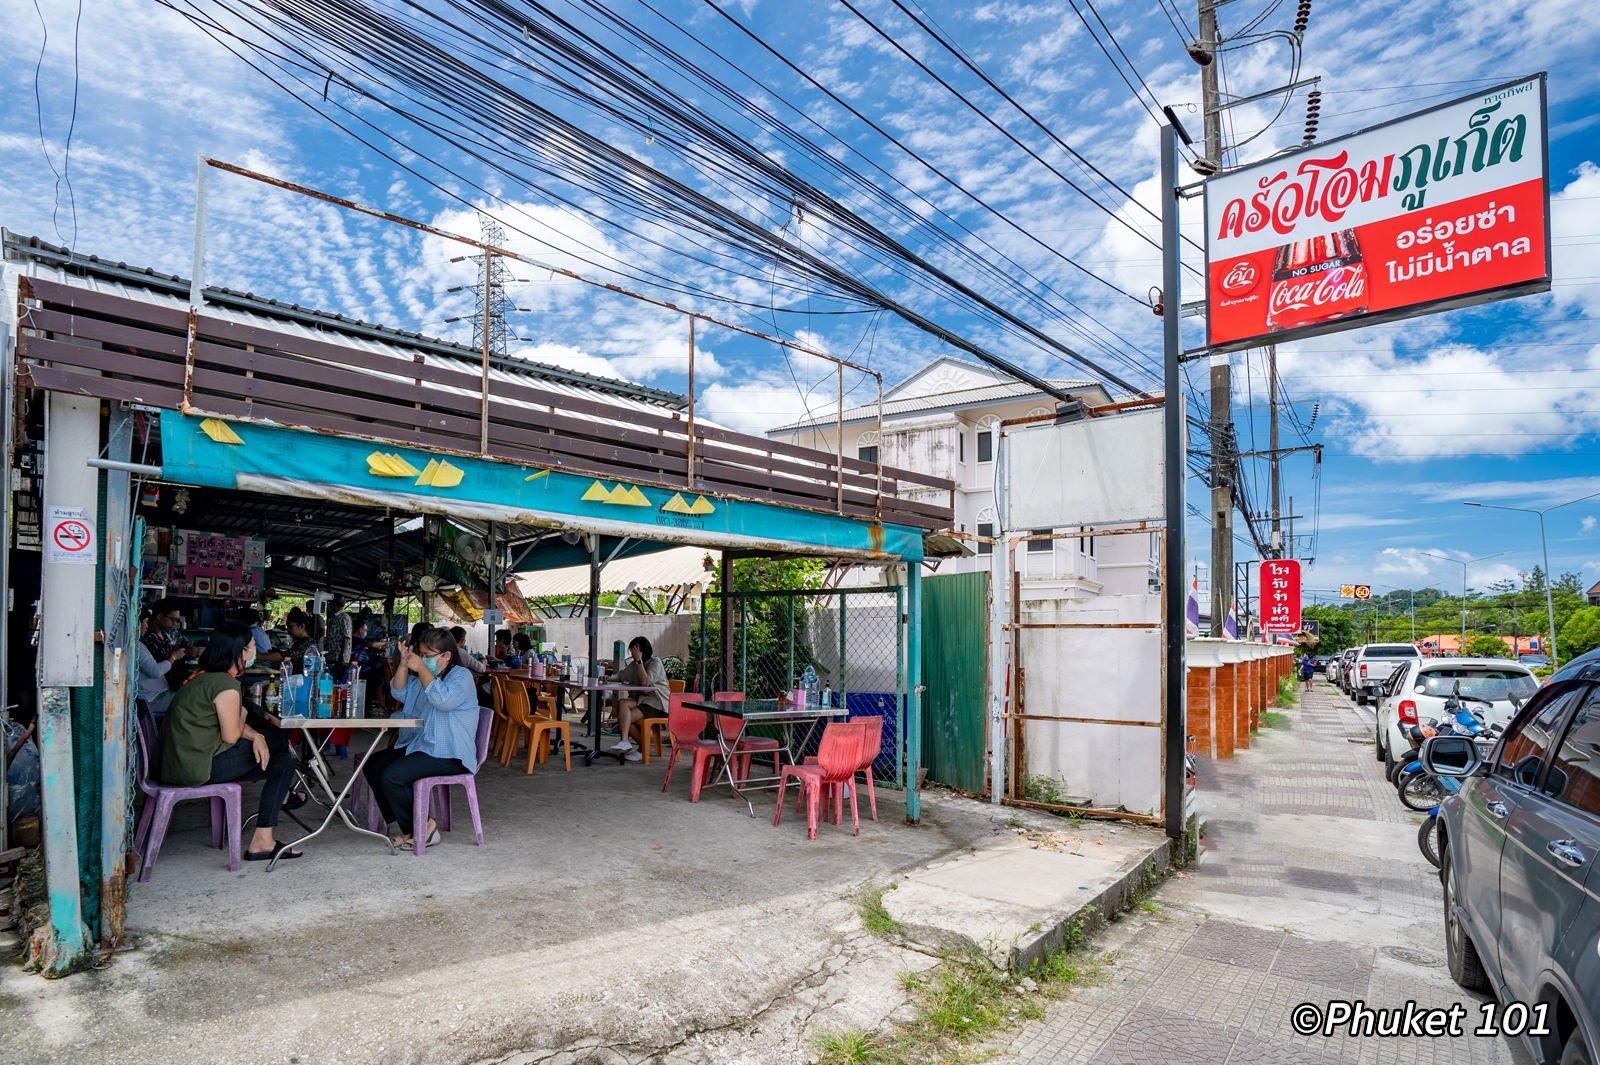 Krua Ohm Restaurant in Kathu, Phuket